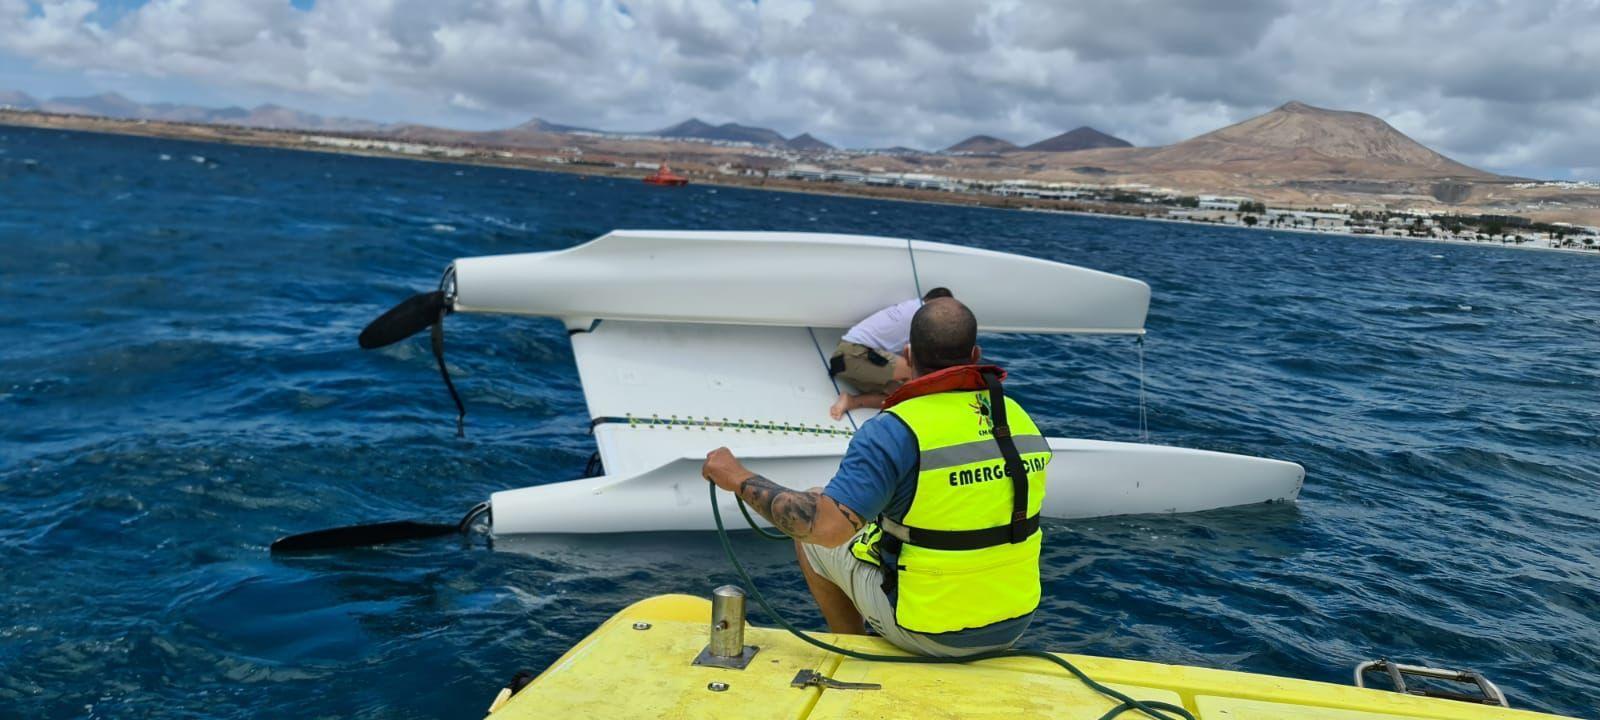 Catamarán volcado en aguas de Lanzarote